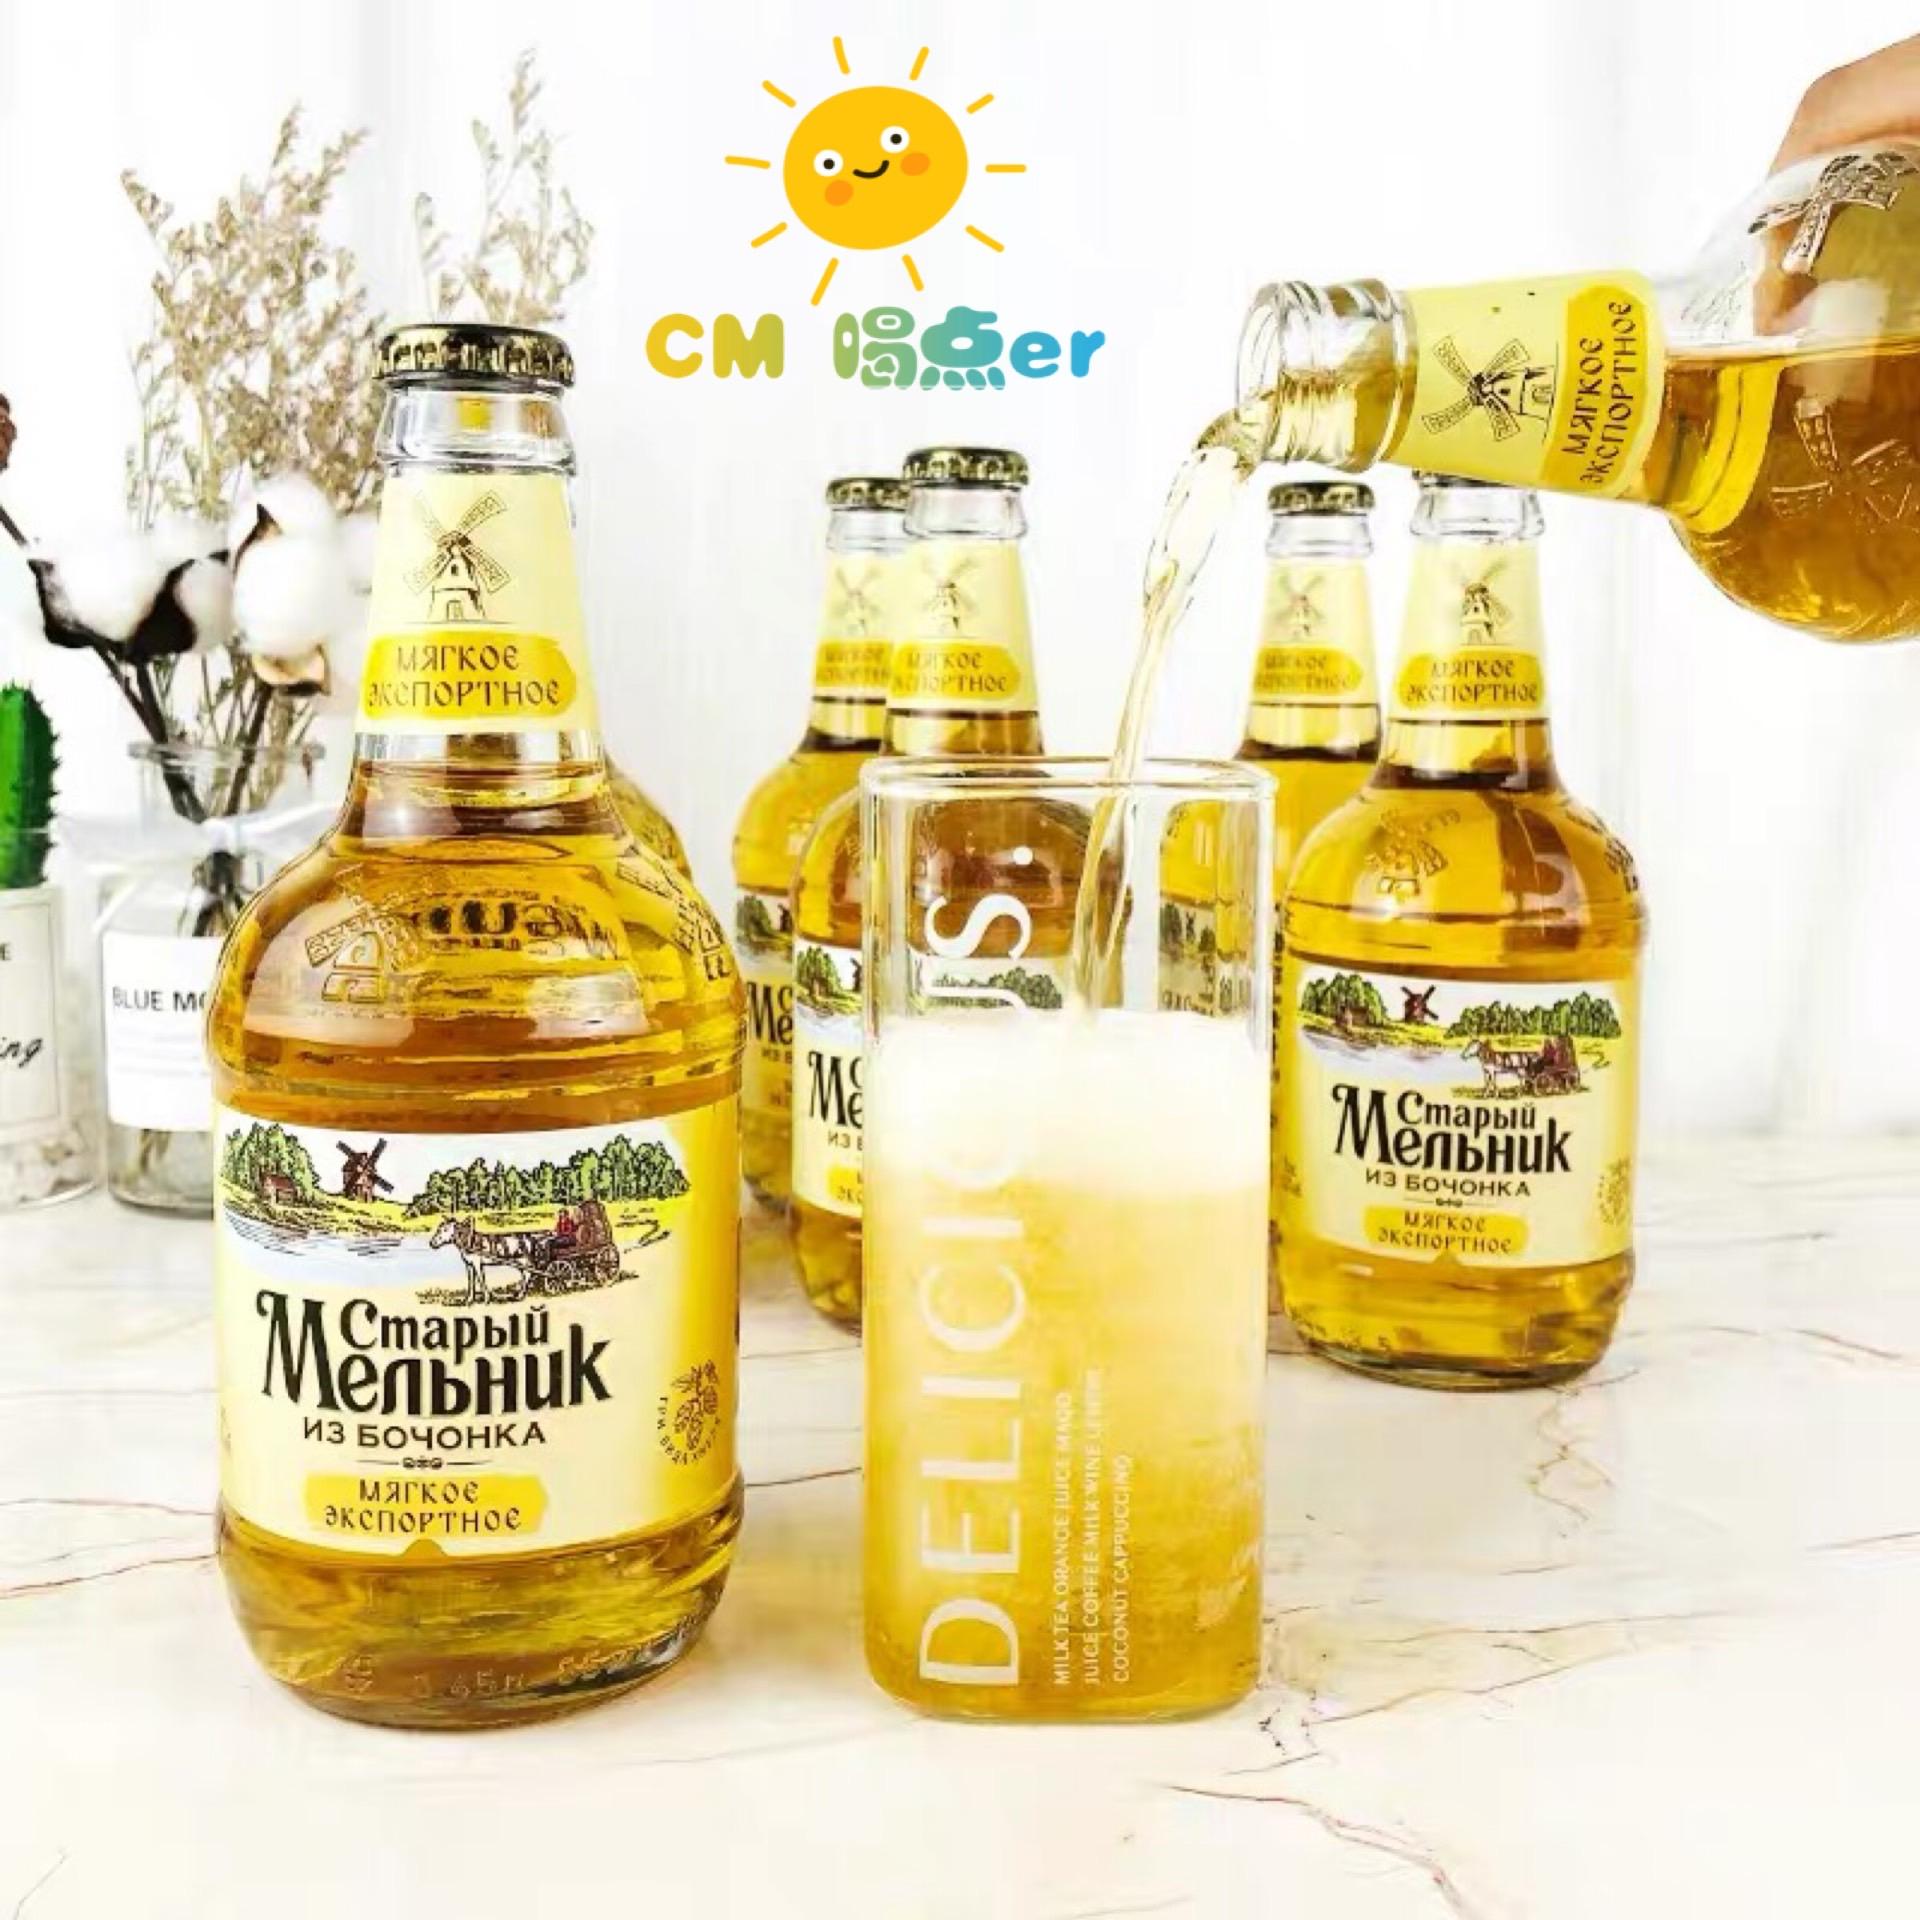 俄罗斯进口啤酒 老米勒大麦精酿啤酒450ml*6瓶清爽黄啤酒